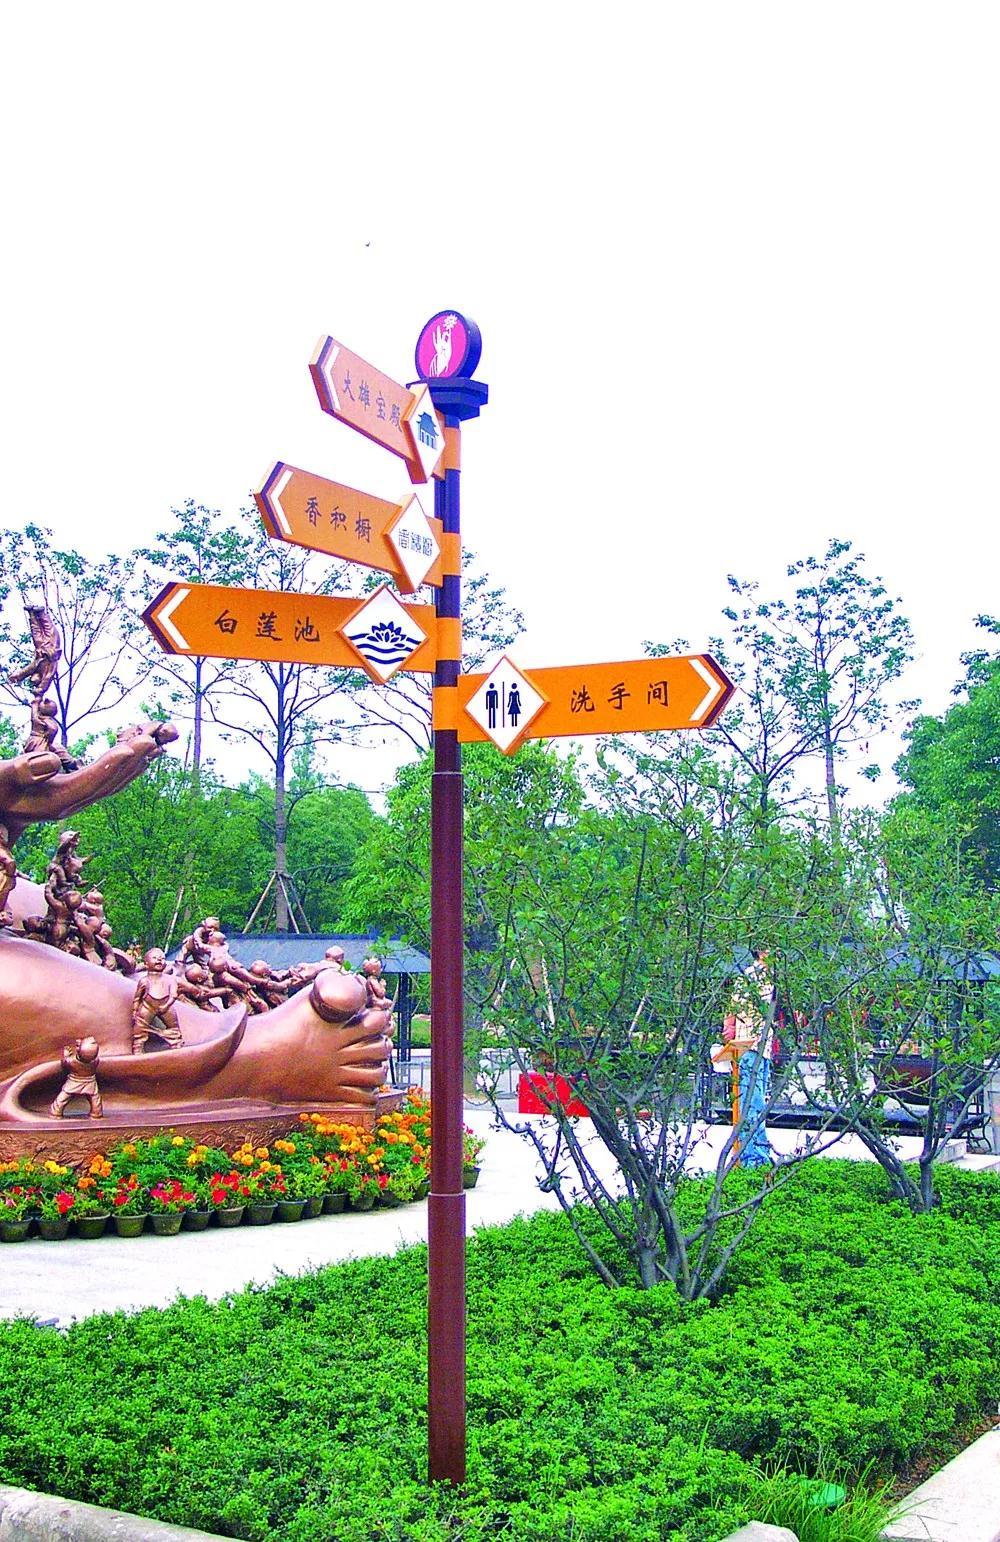 旅游景区标识系统的作用丨院长观点